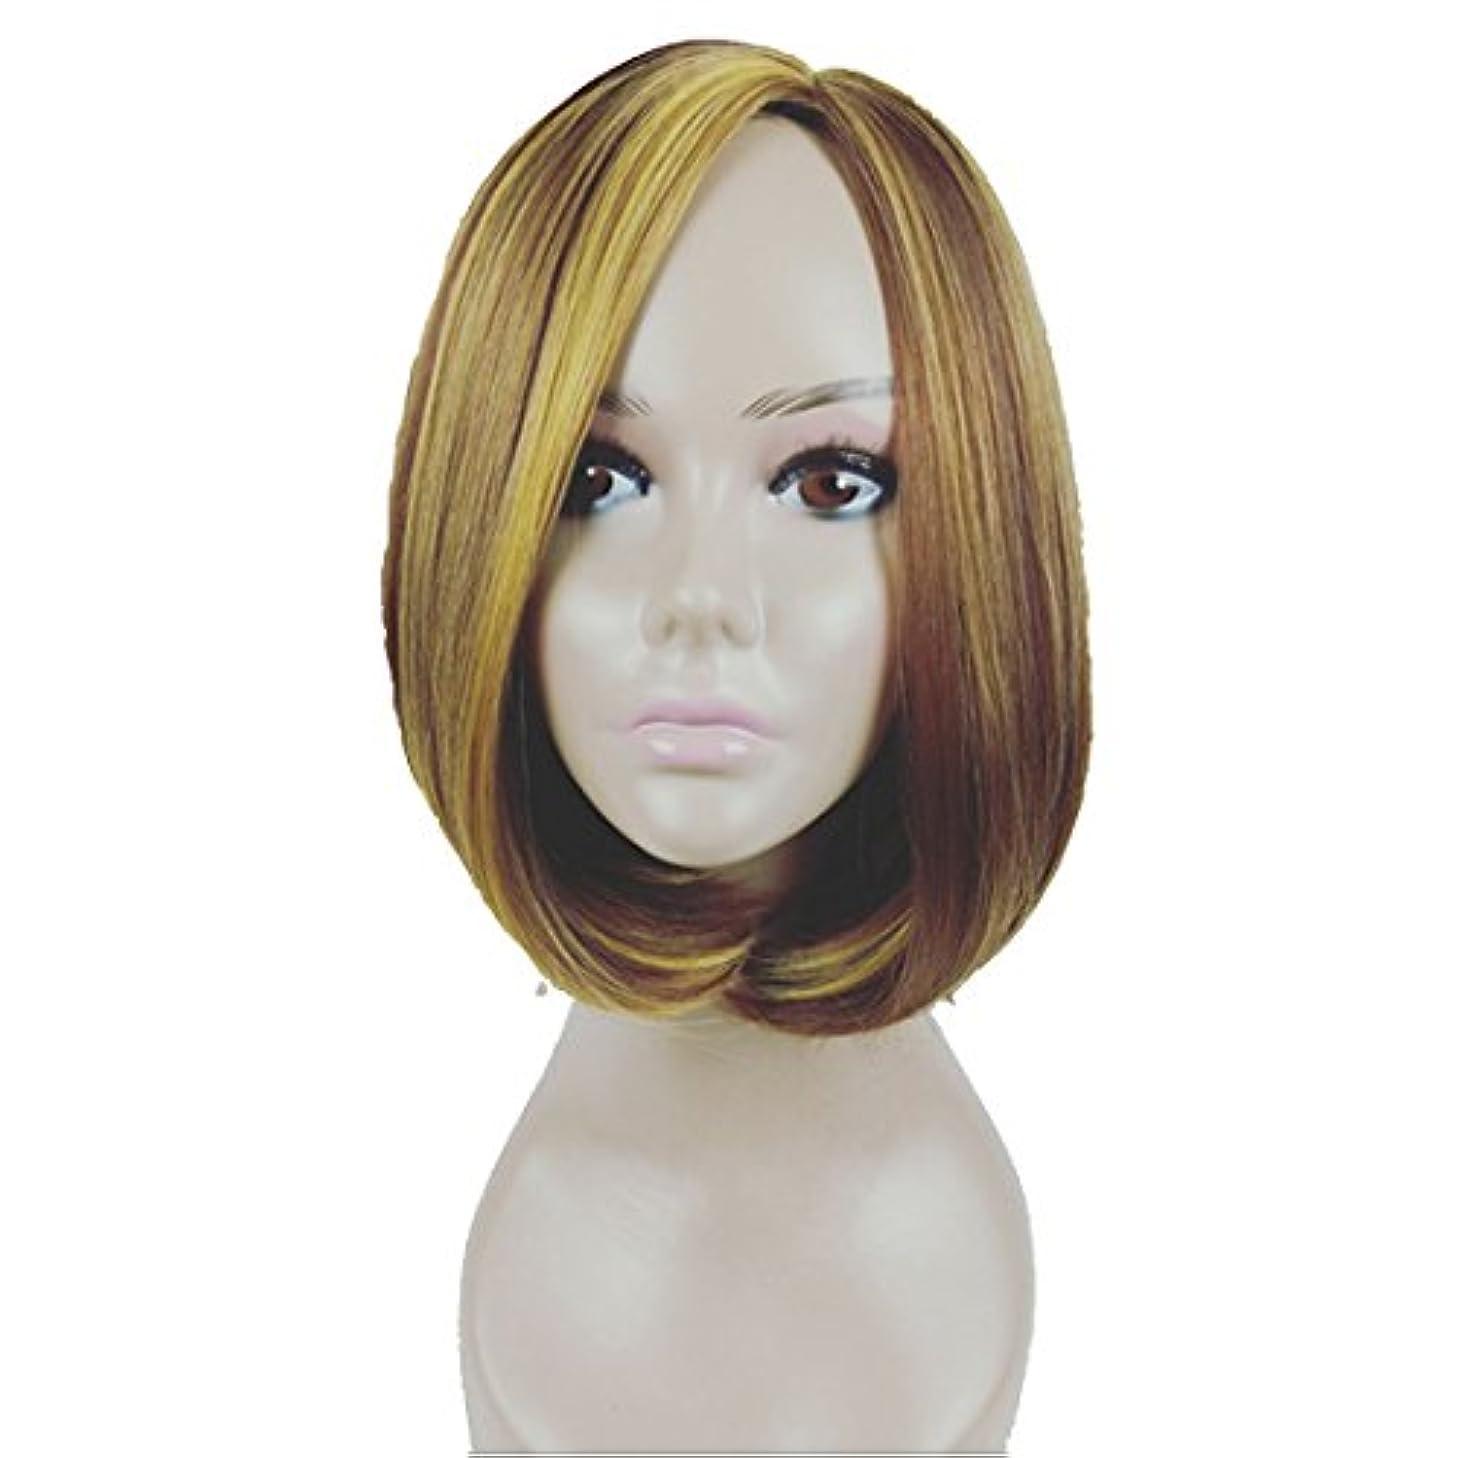 連結する簡潔なコースYOUQIU ボボヘッドウィッグのためにパーティーに分割前髪ウィッグ自然なロングウェーブウィッグを持つ女性人間の髪のためにショートストレートウィッグ160グラムウィッグ (色 : Black gold)